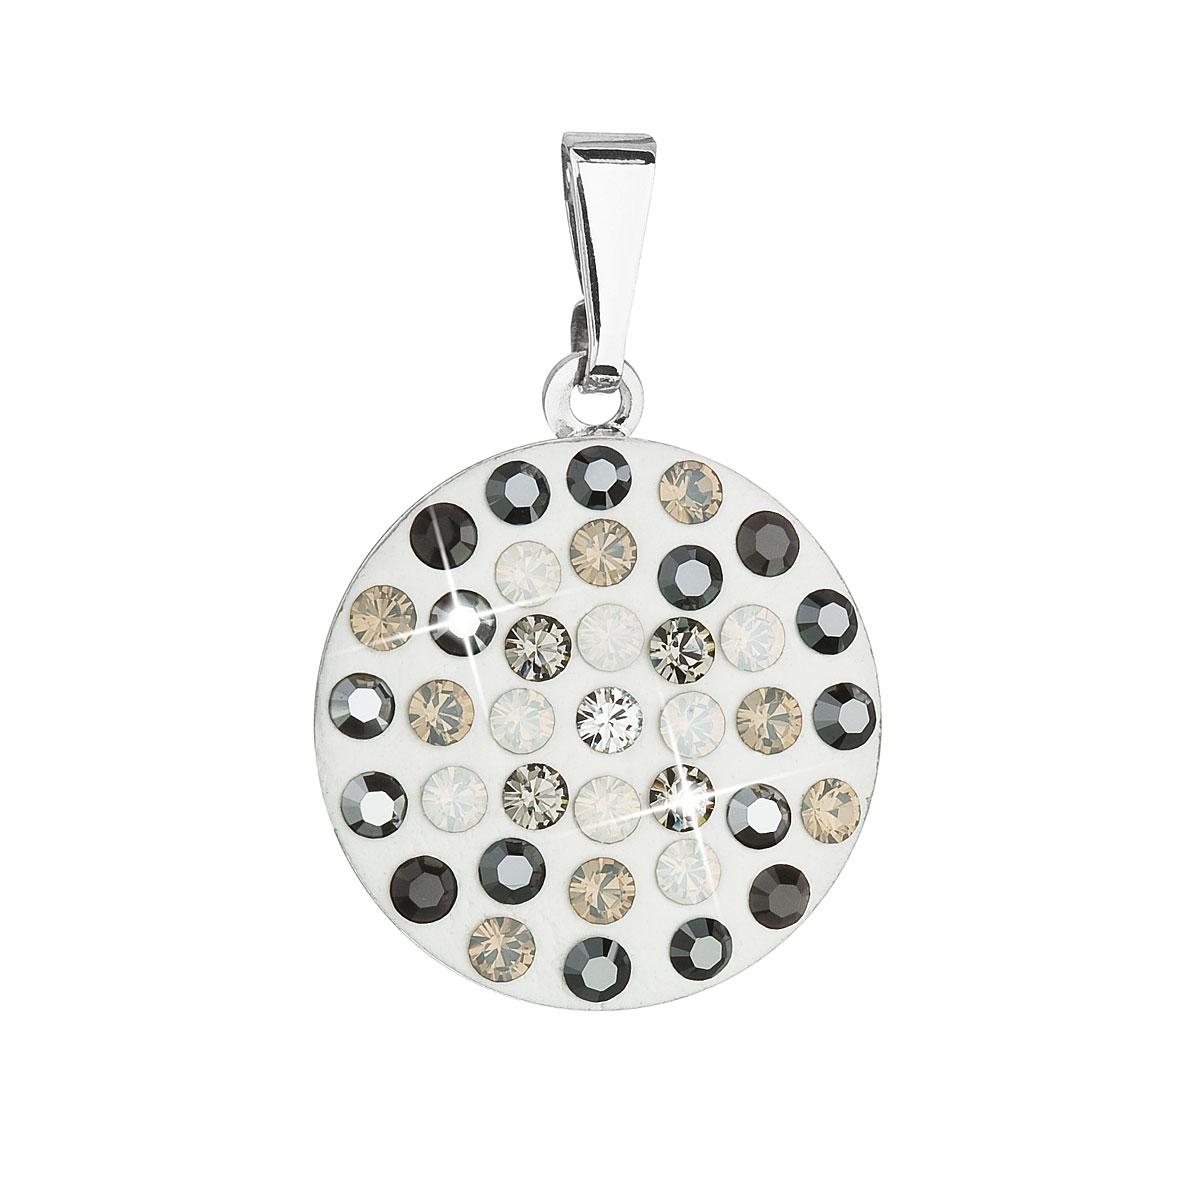 Přívěsek bižuterie se Swarovski krystaly šedý kulatý 54021.3